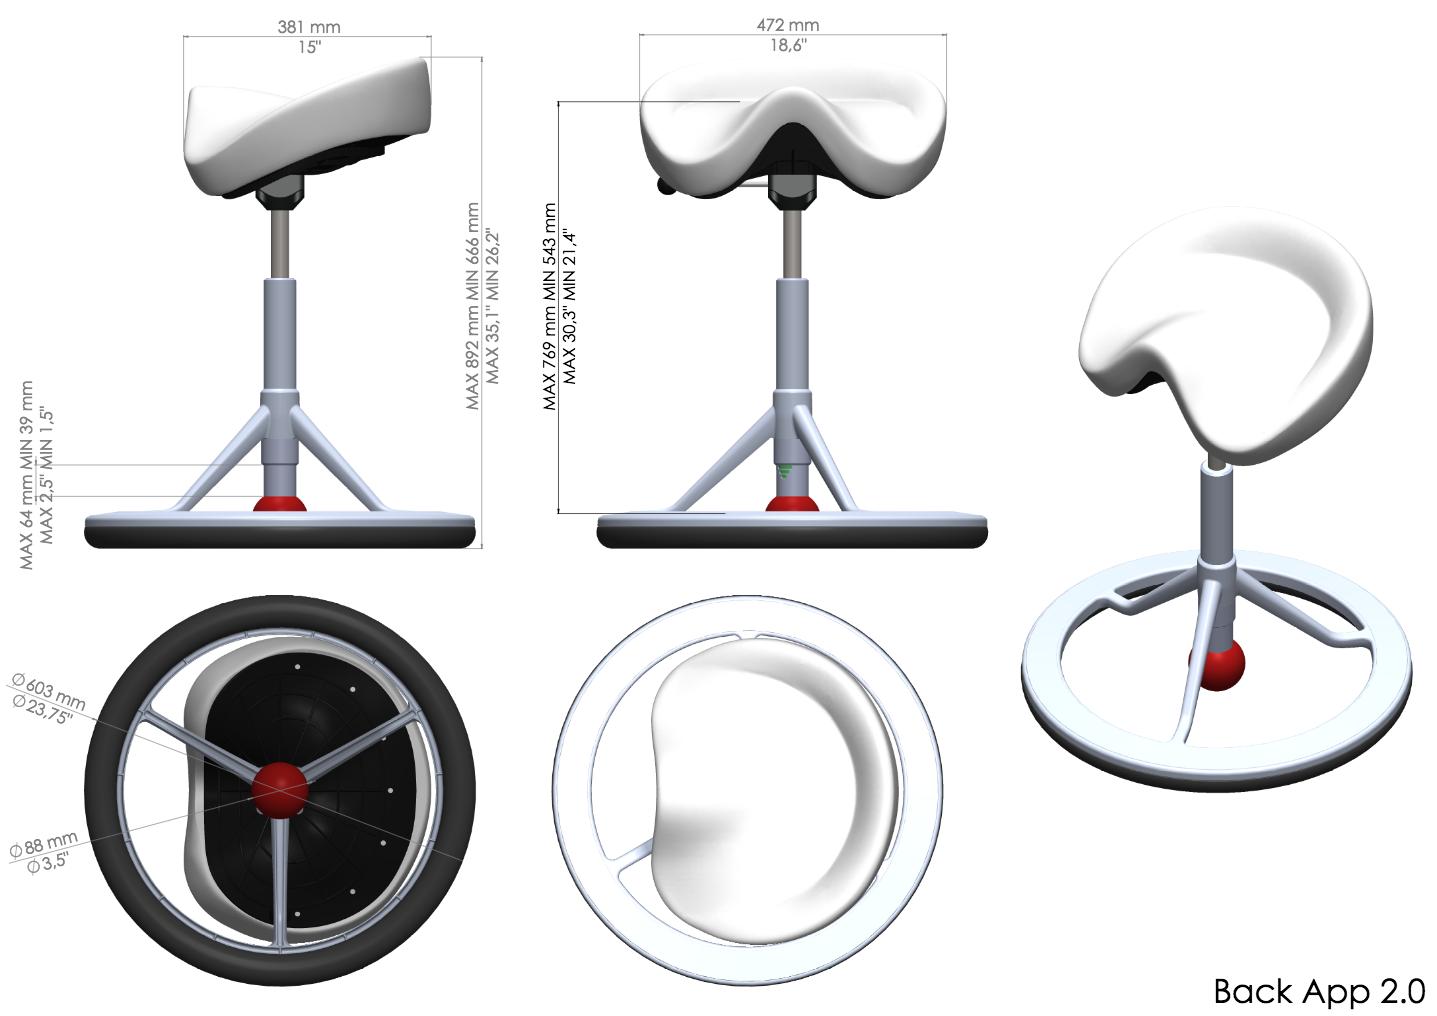 Размеры офисного стула Back App 2.0